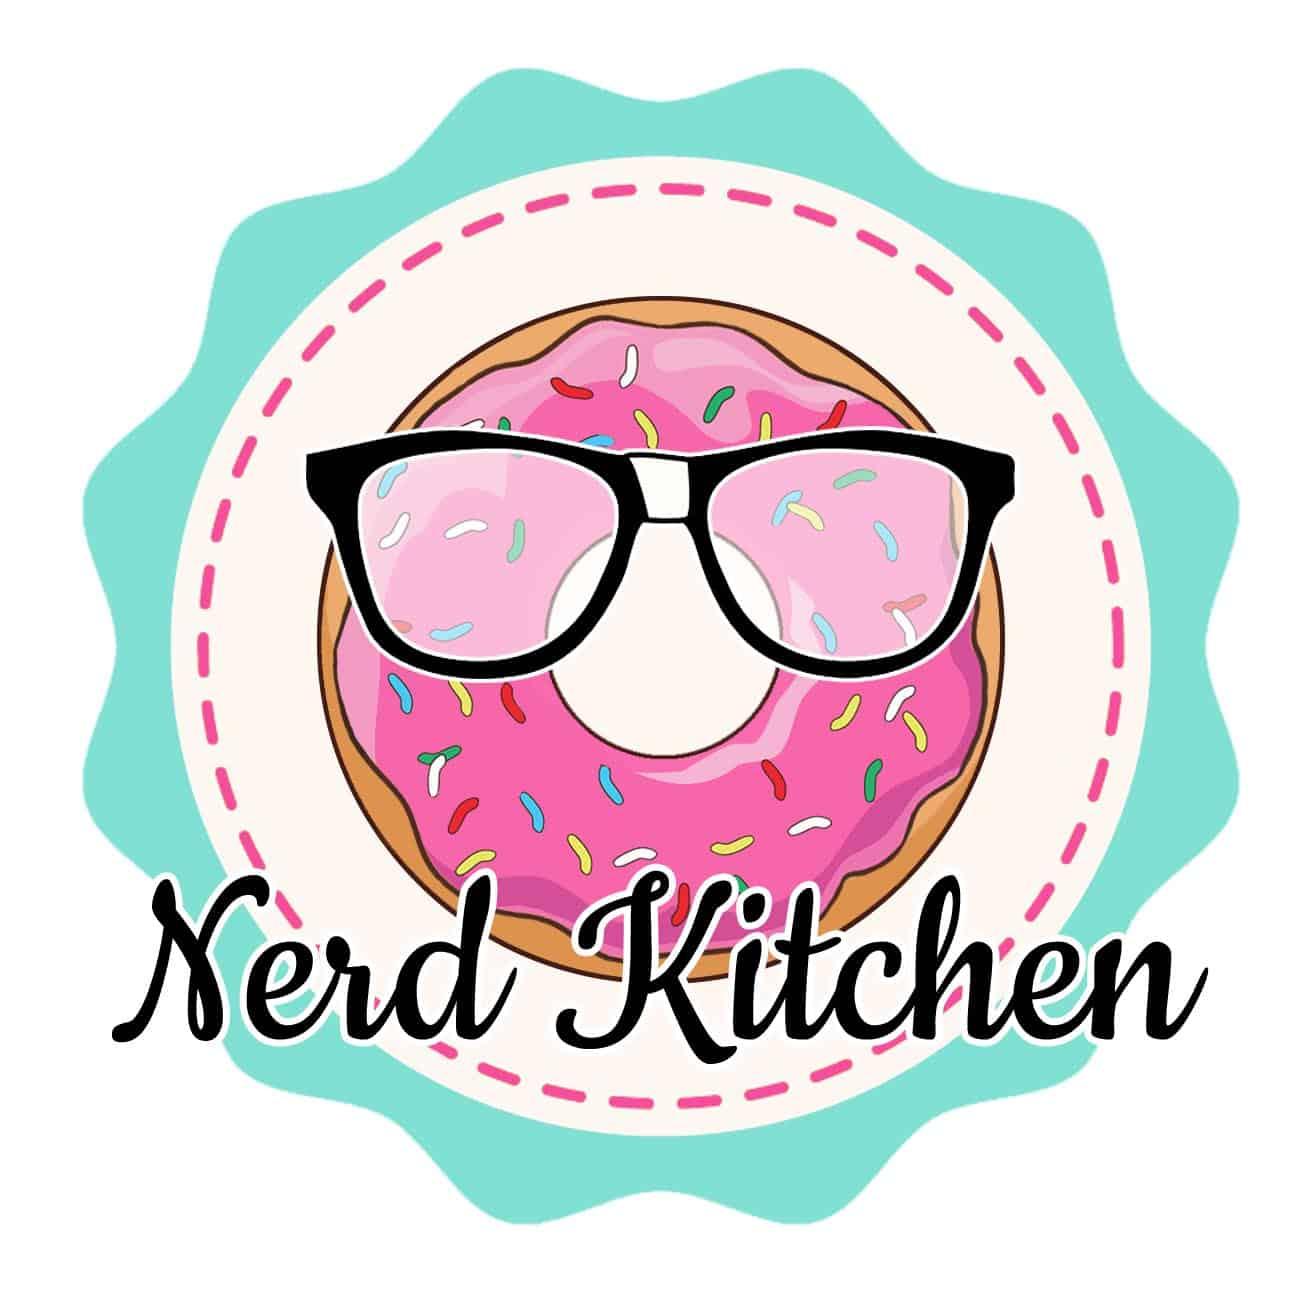 Nerd-Kitchen